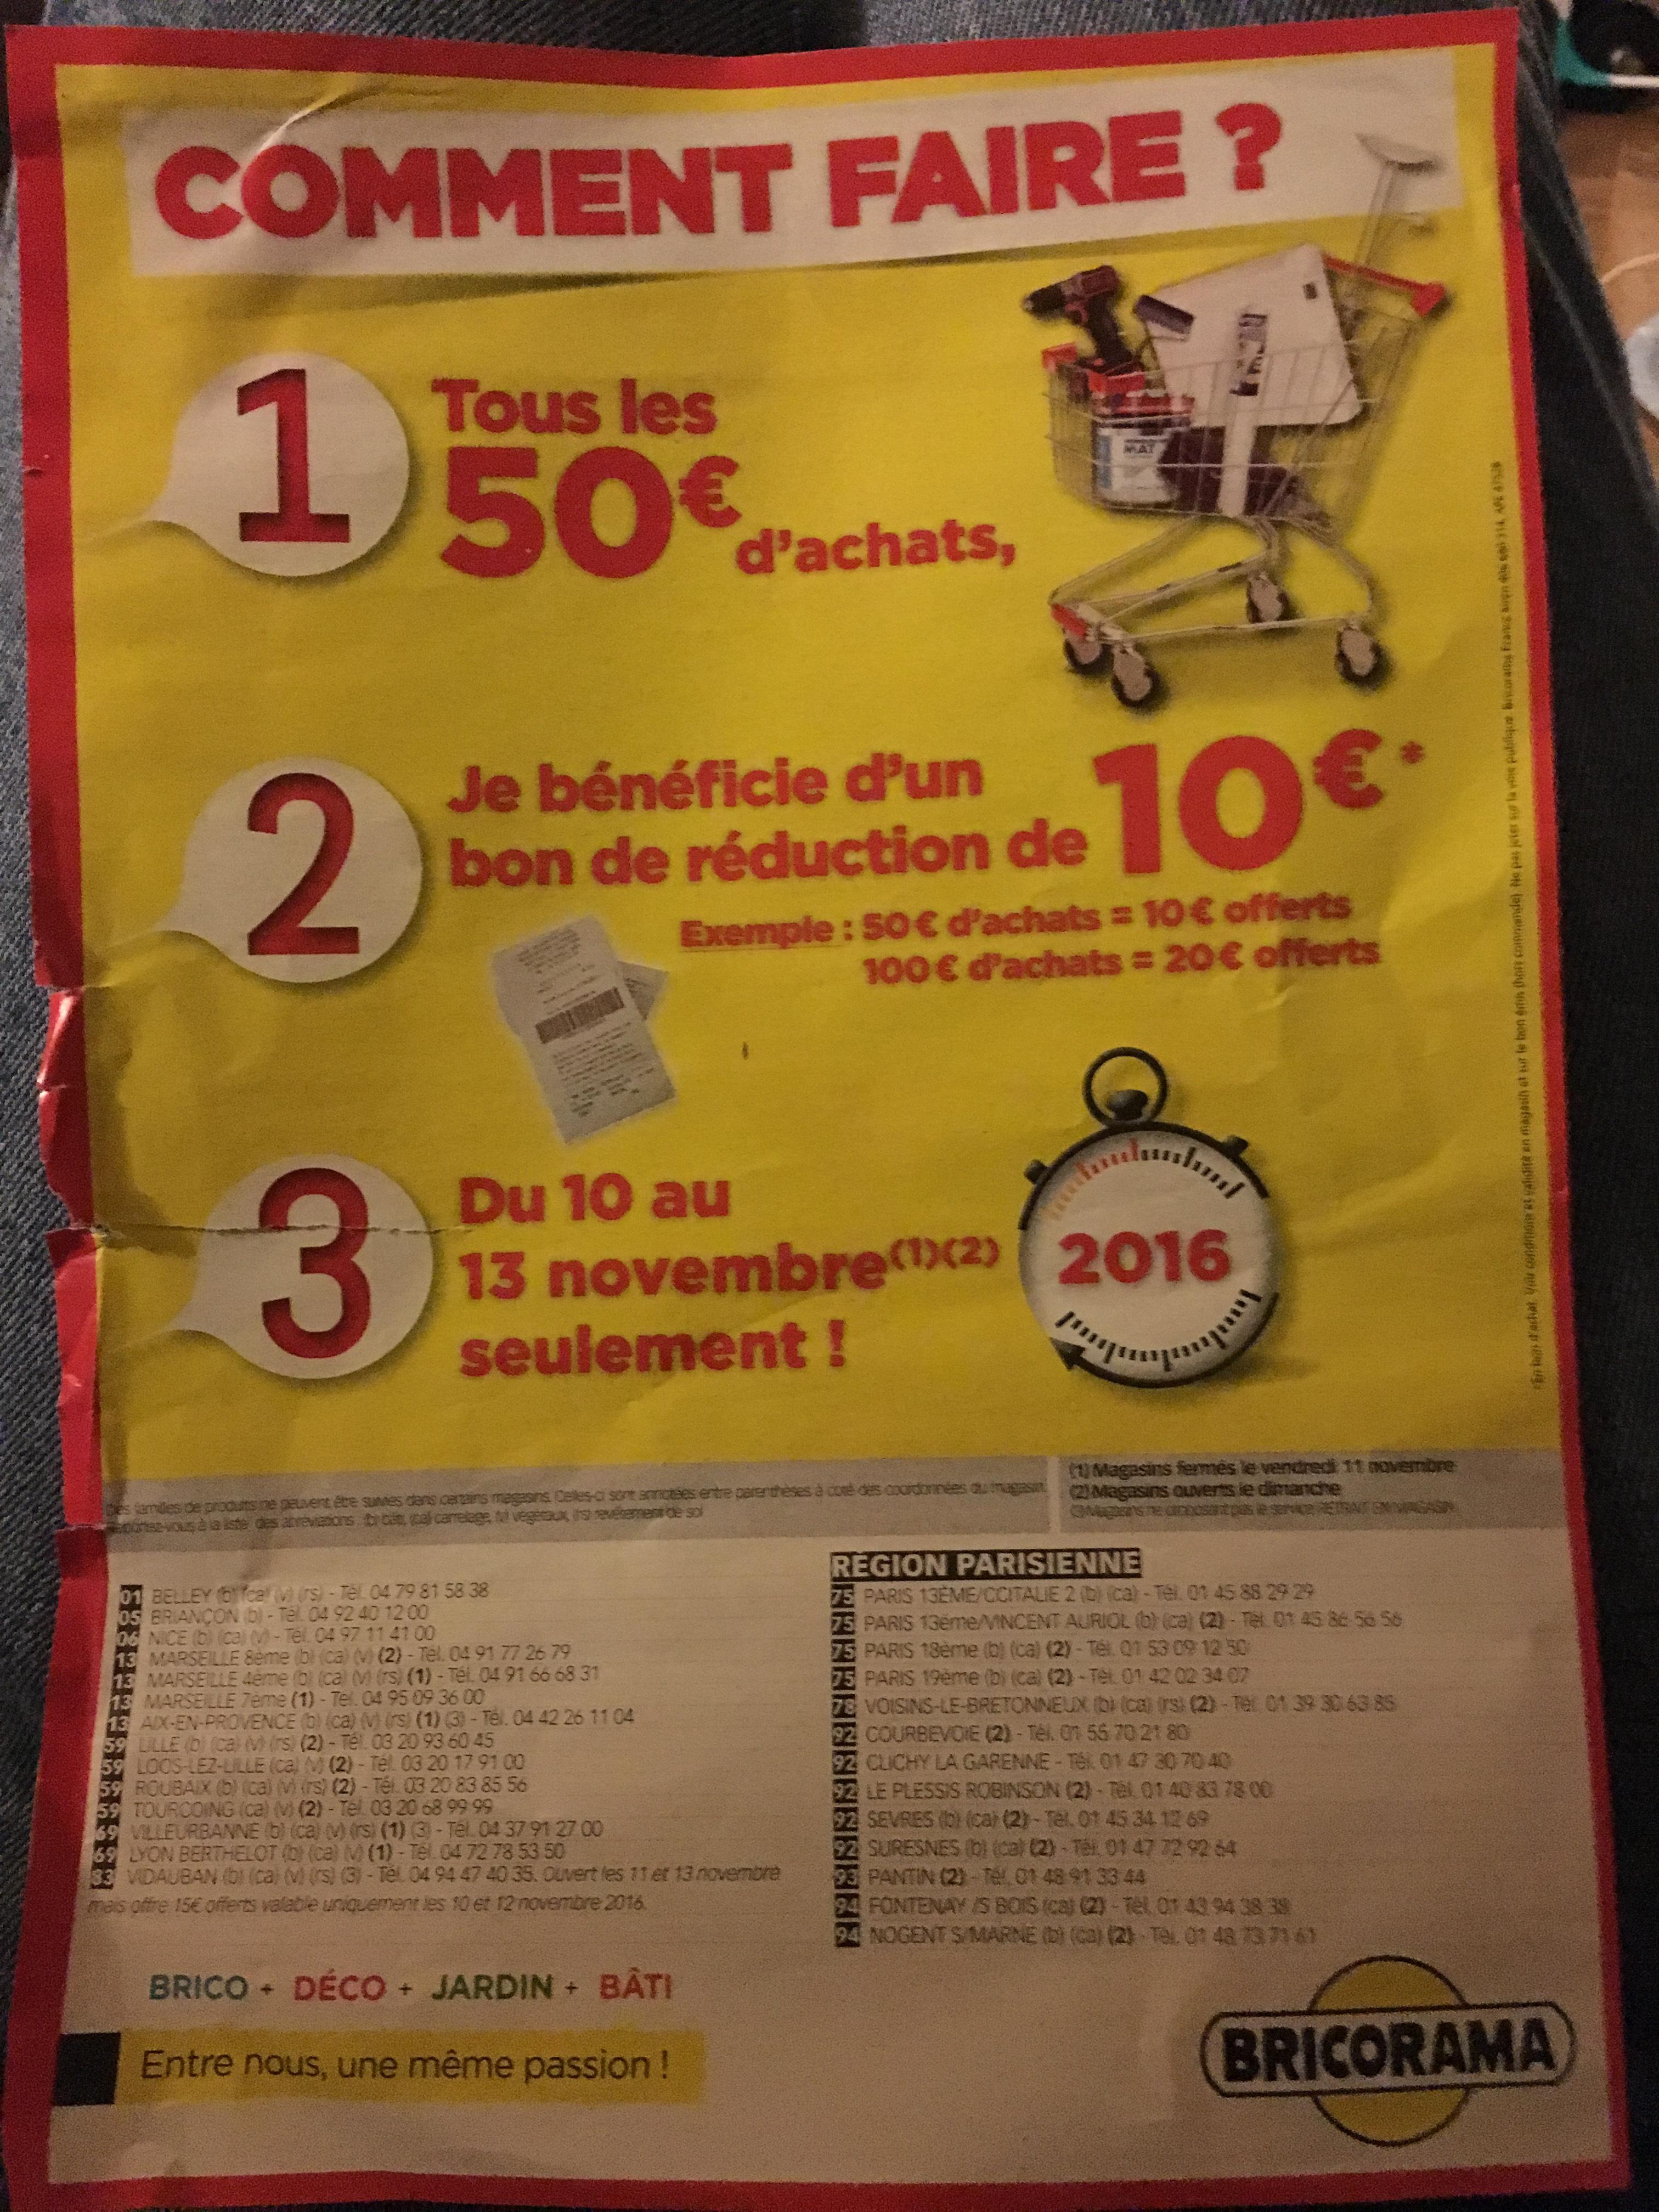 10€ offerts en bon d'achat par tranche de 50€